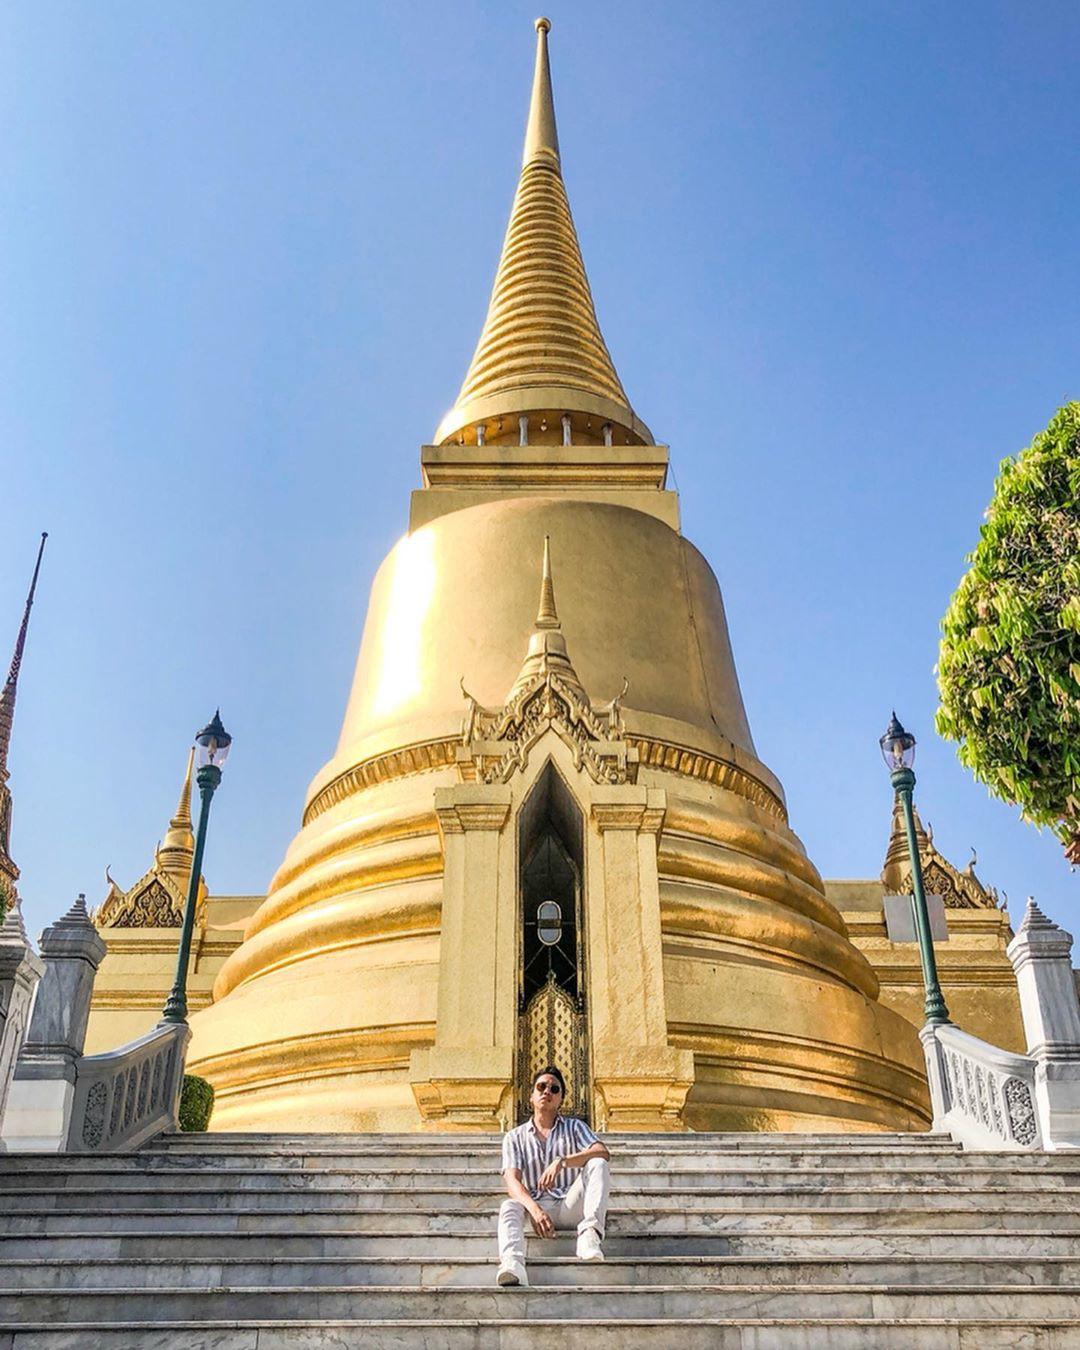 Đến Bangkok nhất định phải ghé thăm 3 cung điện siêu thực này - Ảnh 7.